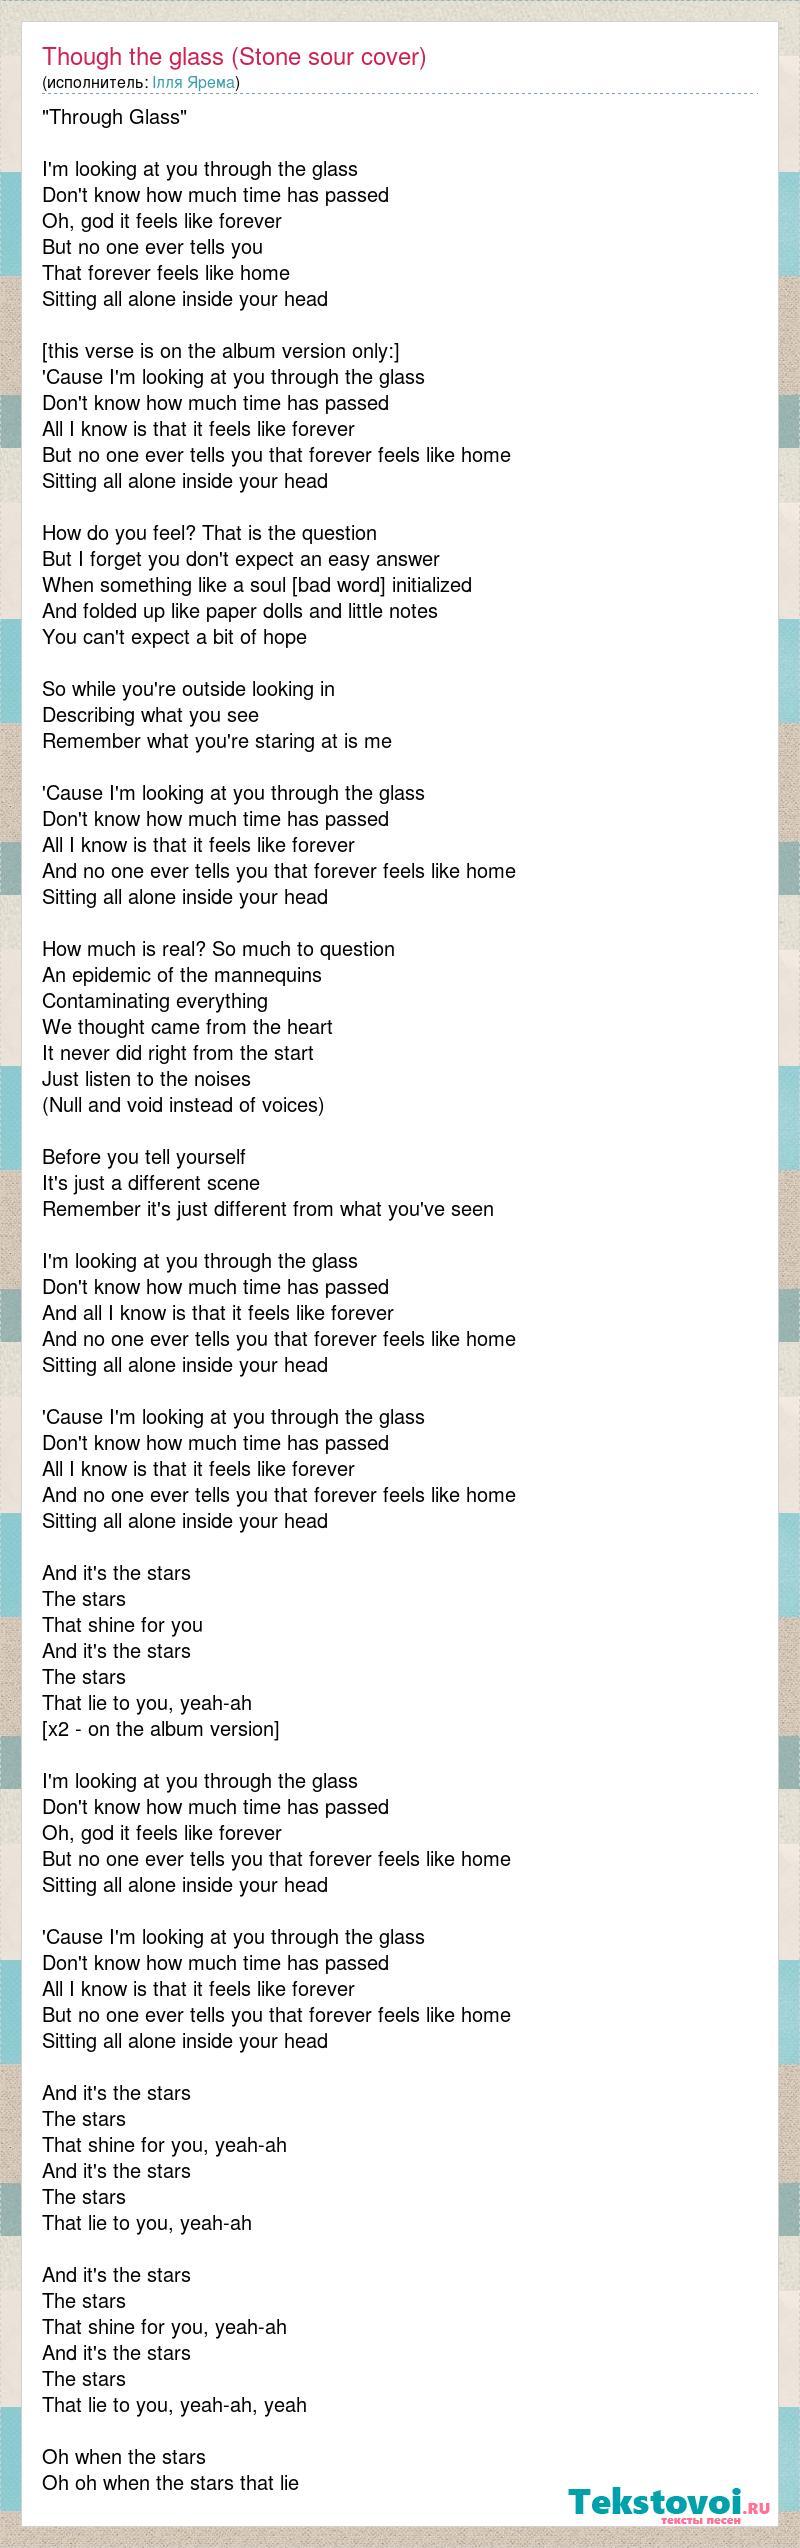 Ілля Ярема  Though the glass (Stone sour cover) слова песни a1c868861a7